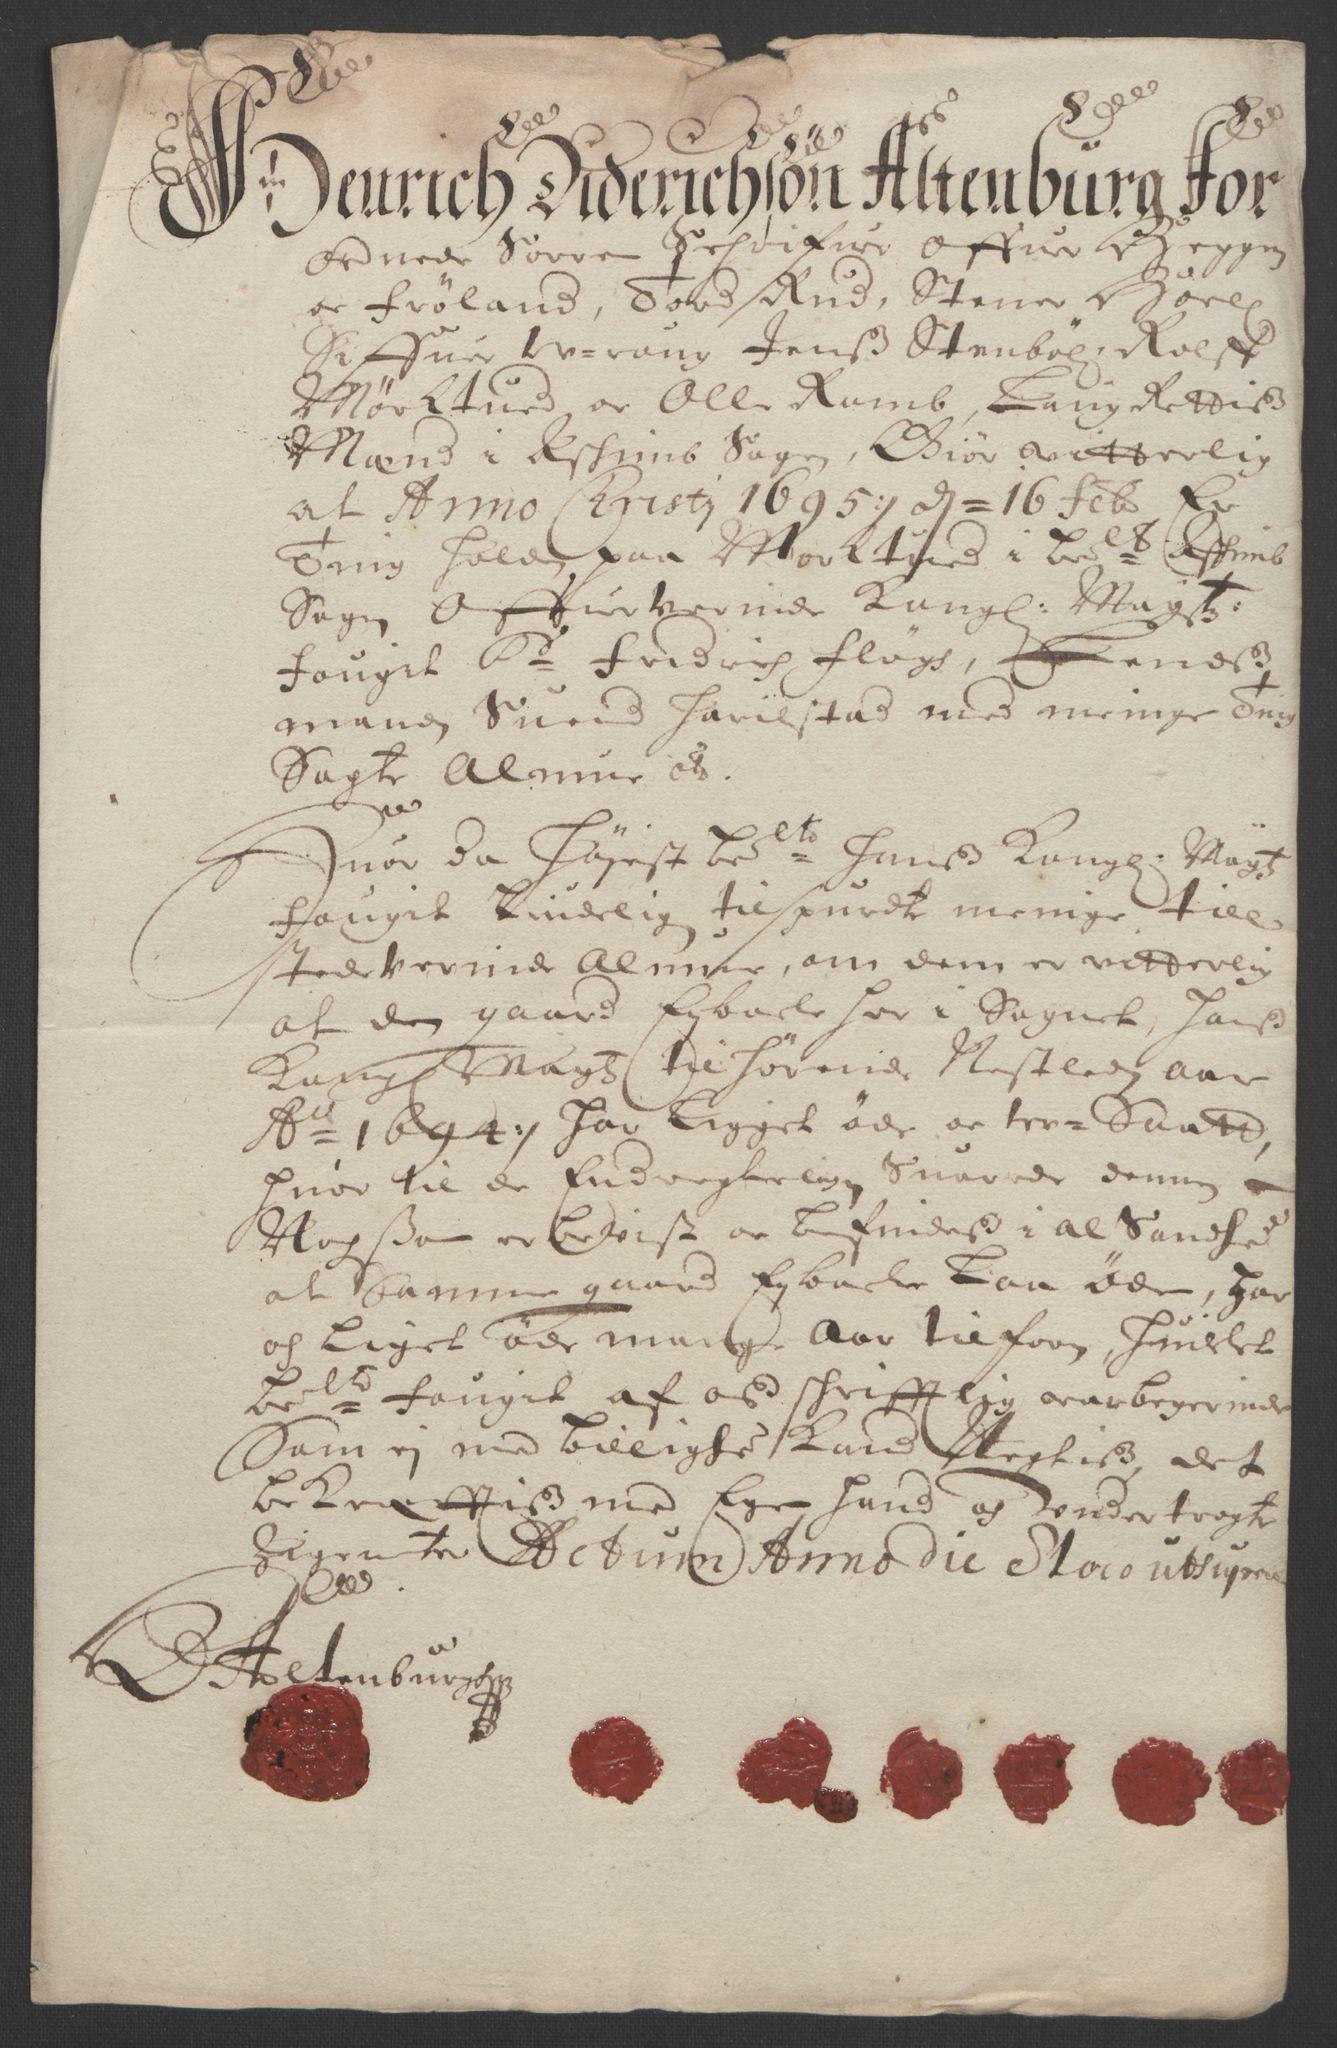 RA, Rentekammeret inntil 1814, Reviderte regnskaper, Fogderegnskap, R07/L0284: Fogderegnskap Rakkestad, Heggen og Frøland, 1694, s. 309